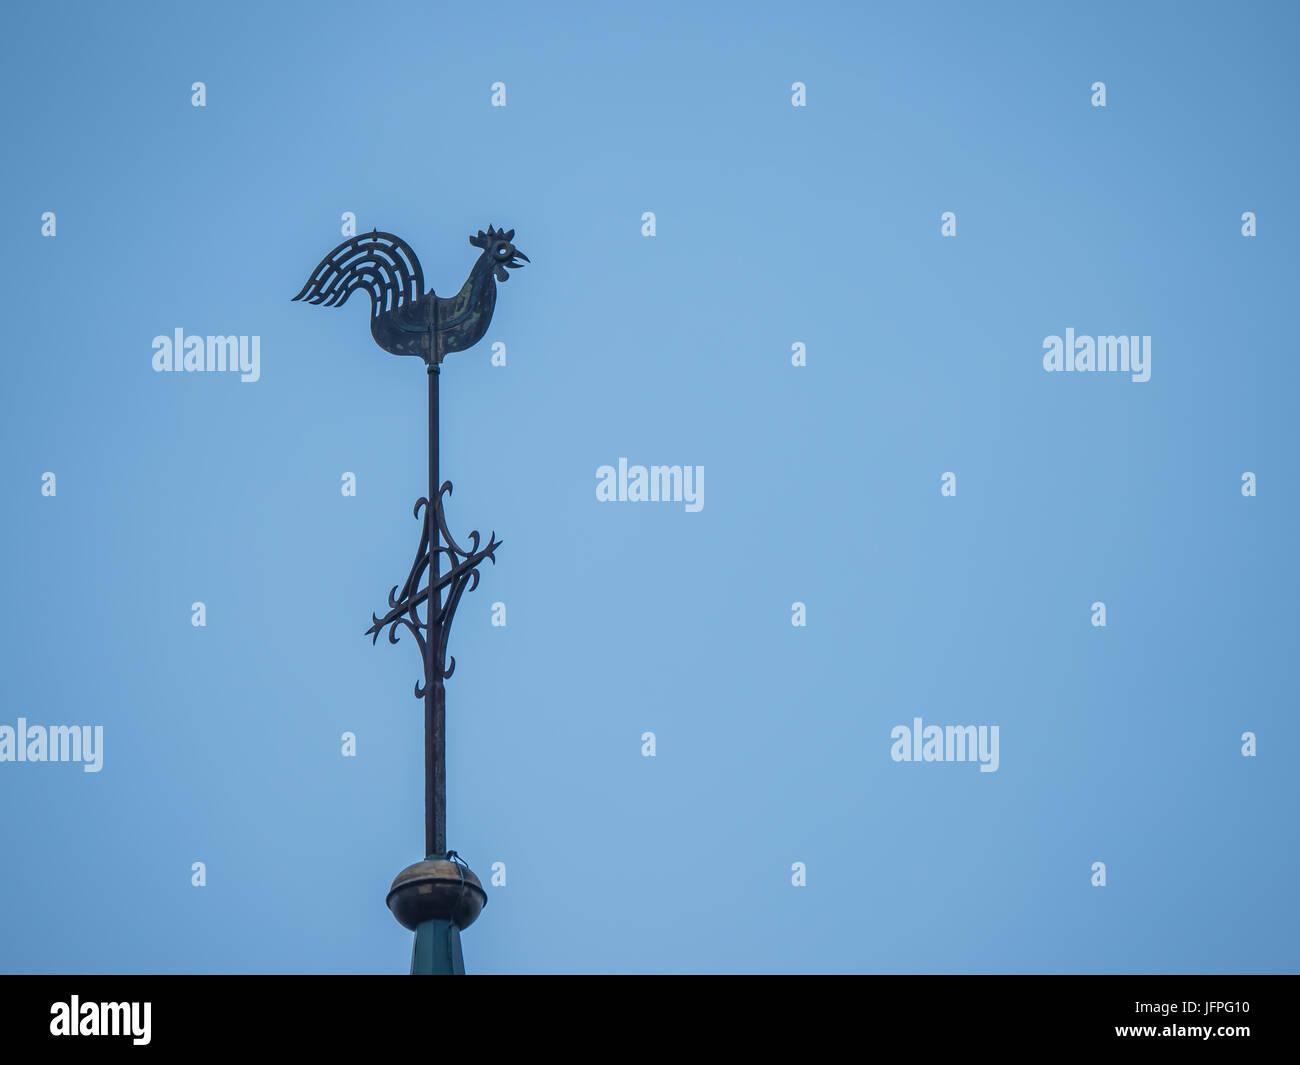 Iglesia chapitel con veleta y un cielo azul sin nubes Imagen De Stock